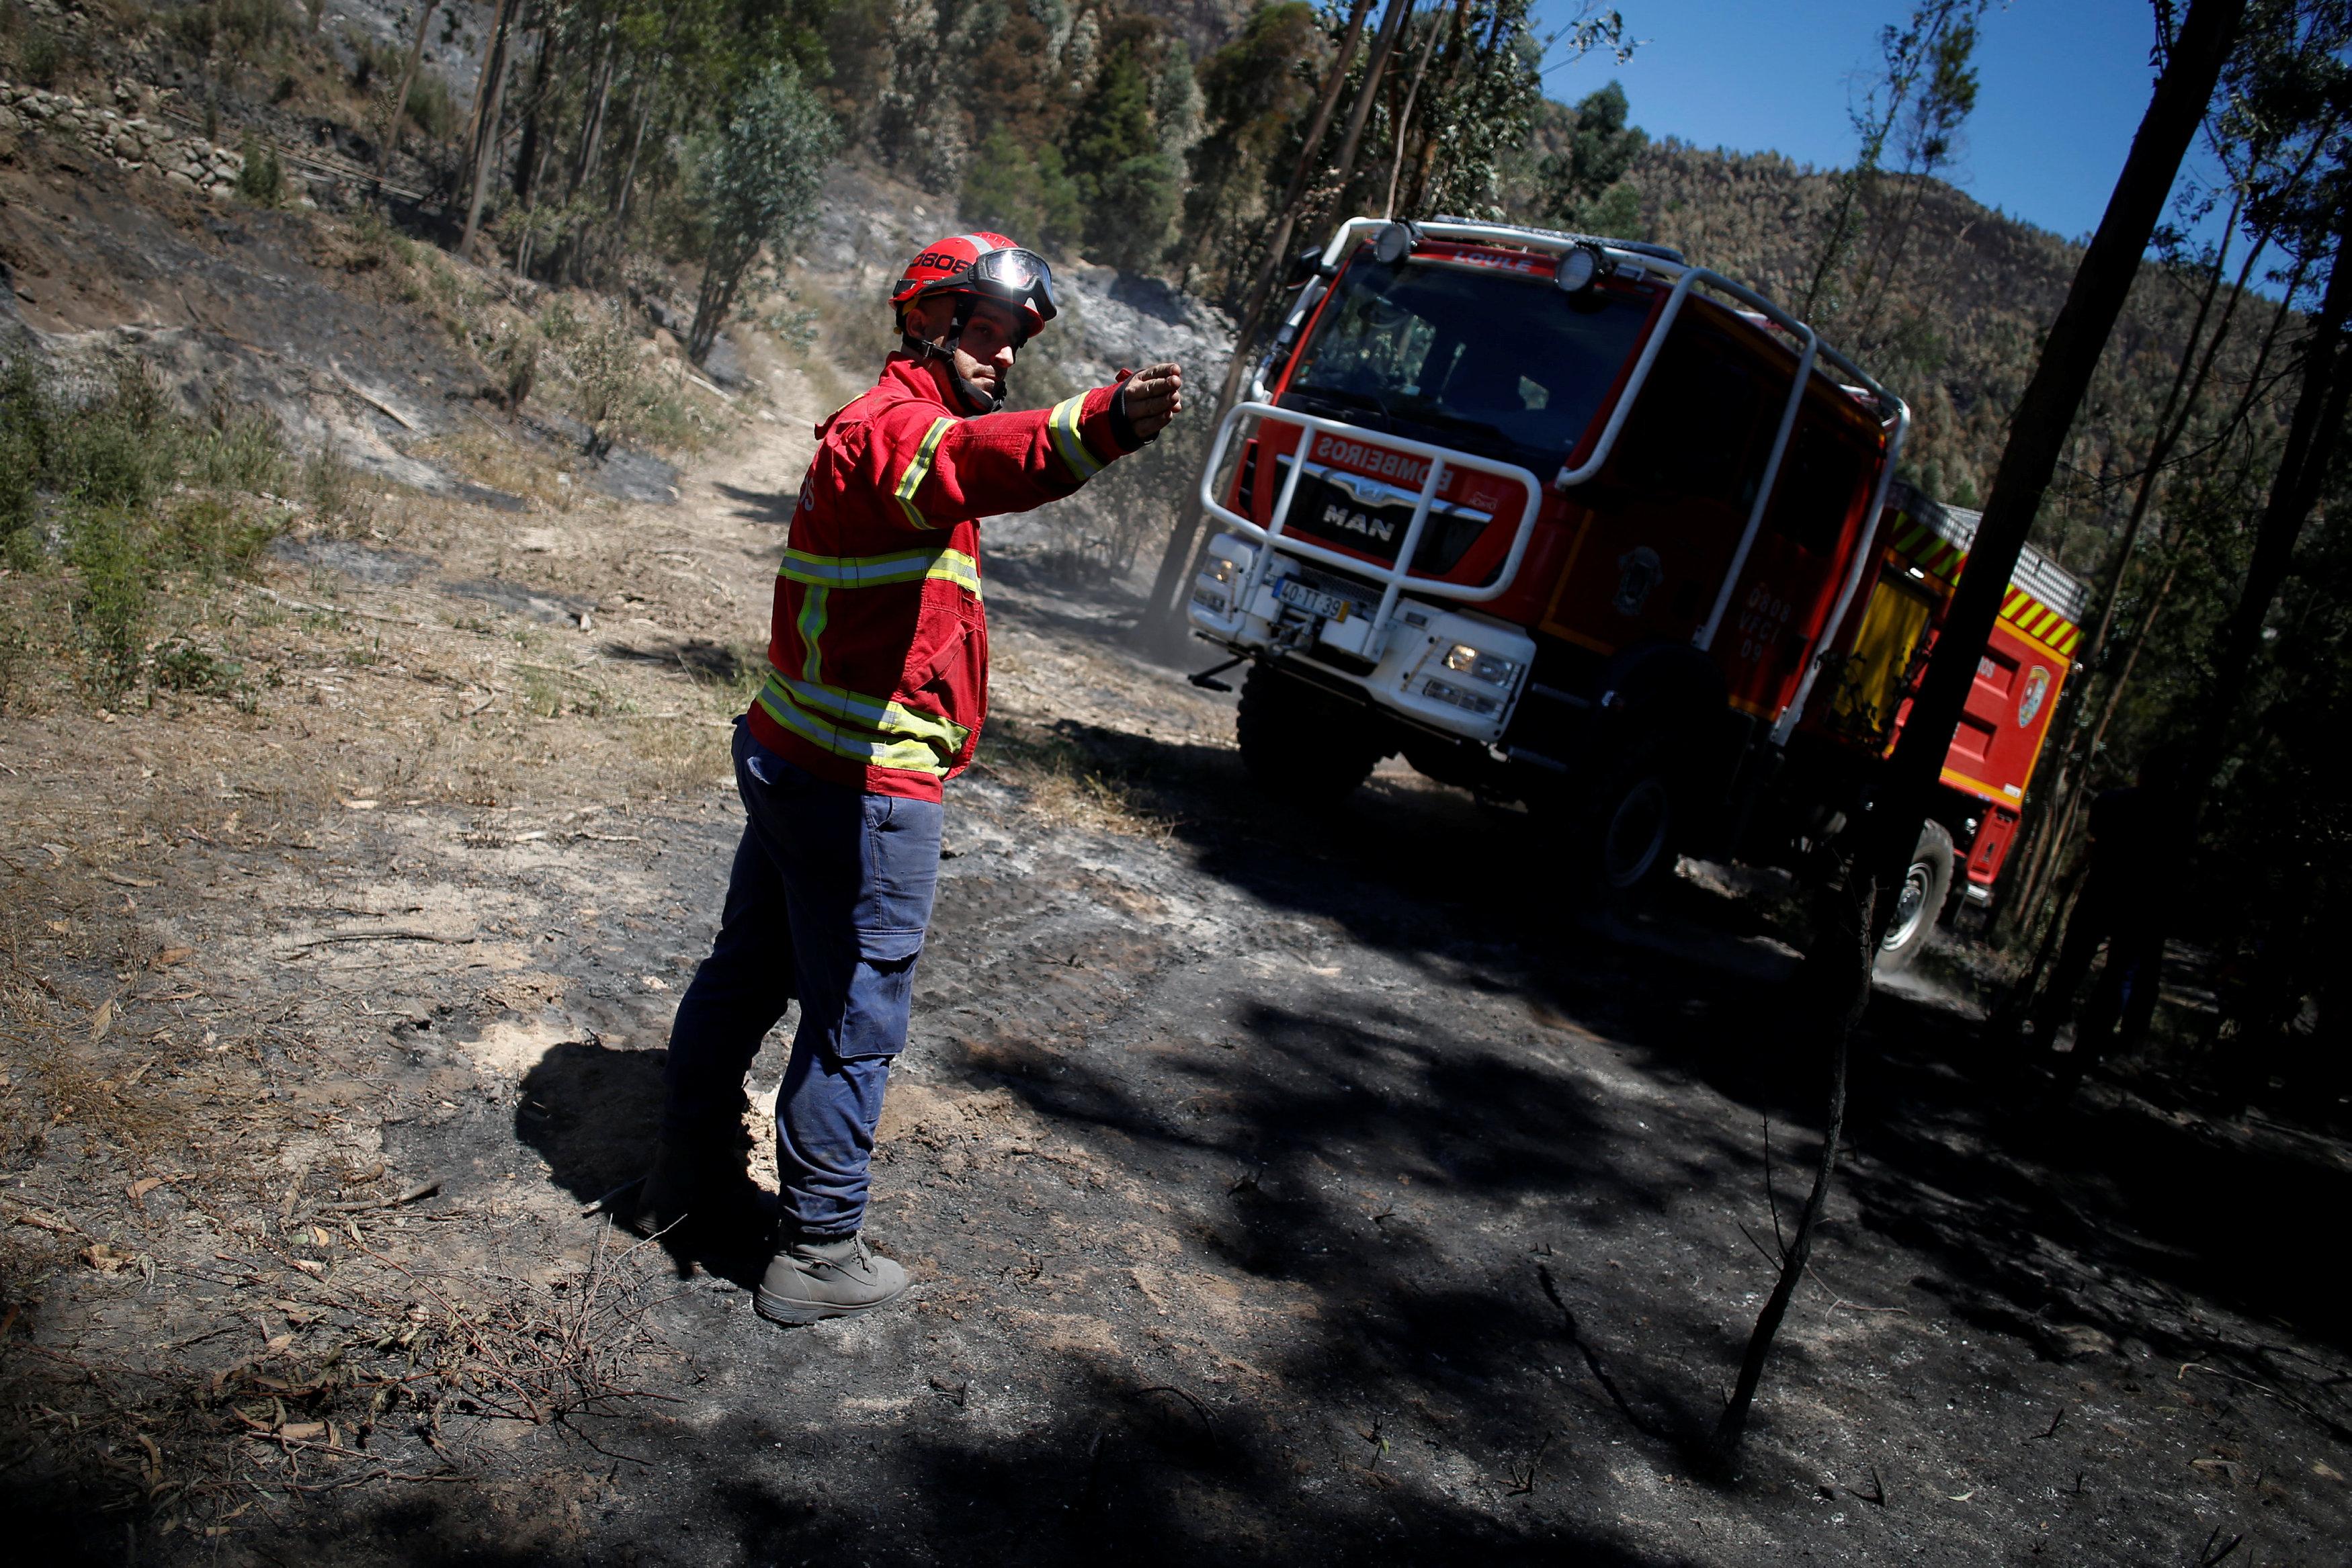 سيارات الحماية المدنية أثناء السيطرة على حرائق الغابات